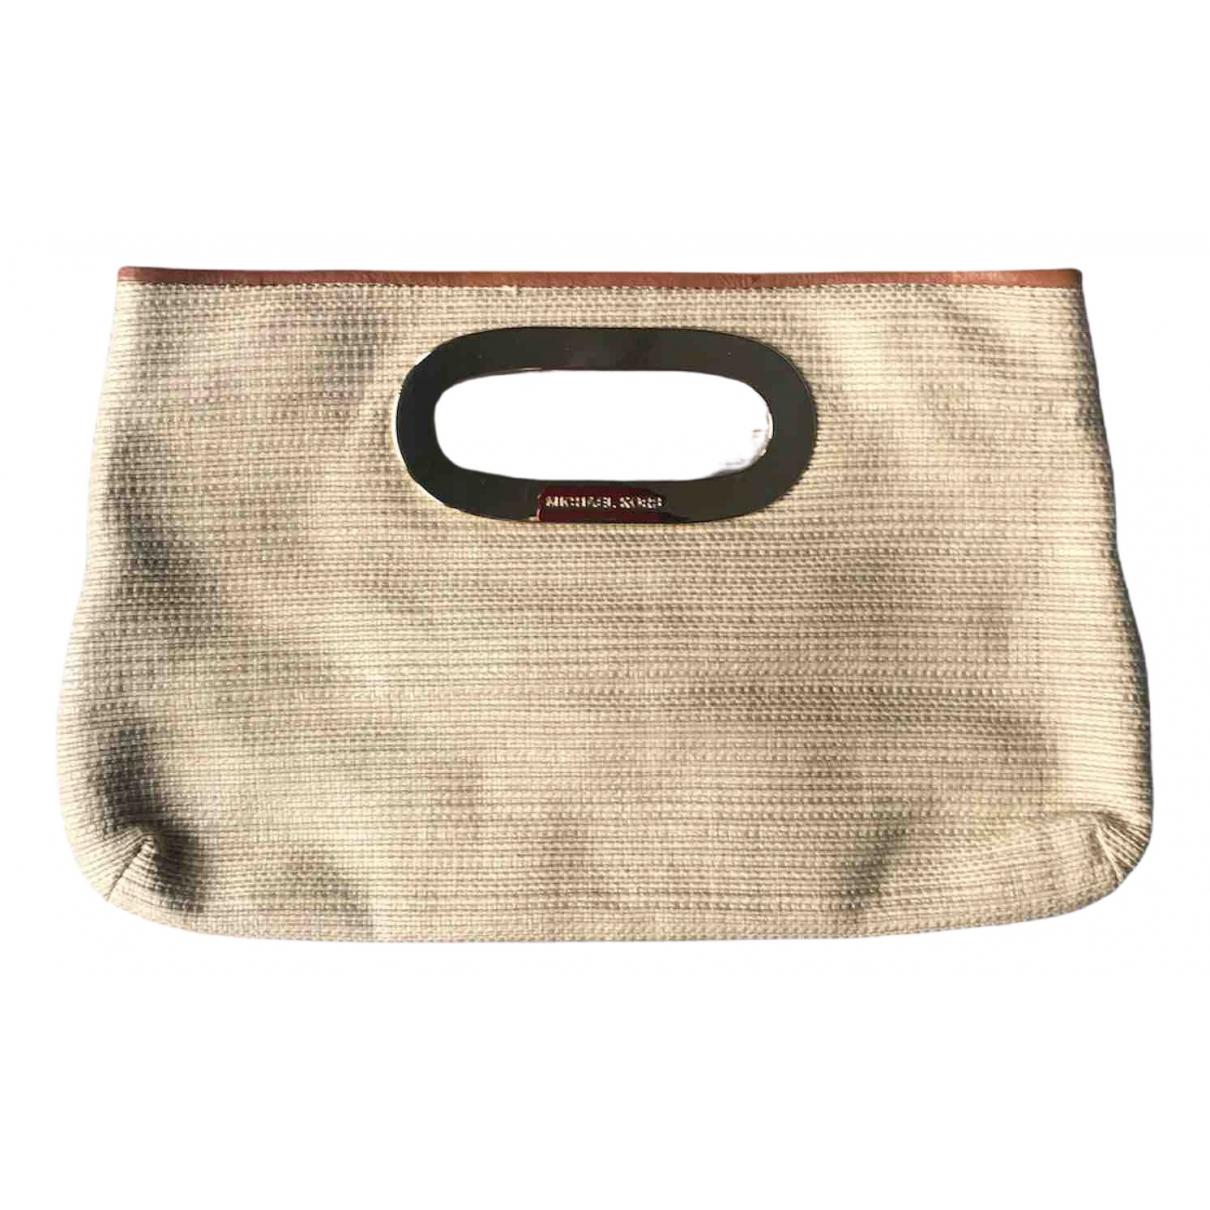 Michael Kors \N Beige Wicker Clutch bag for Women \N